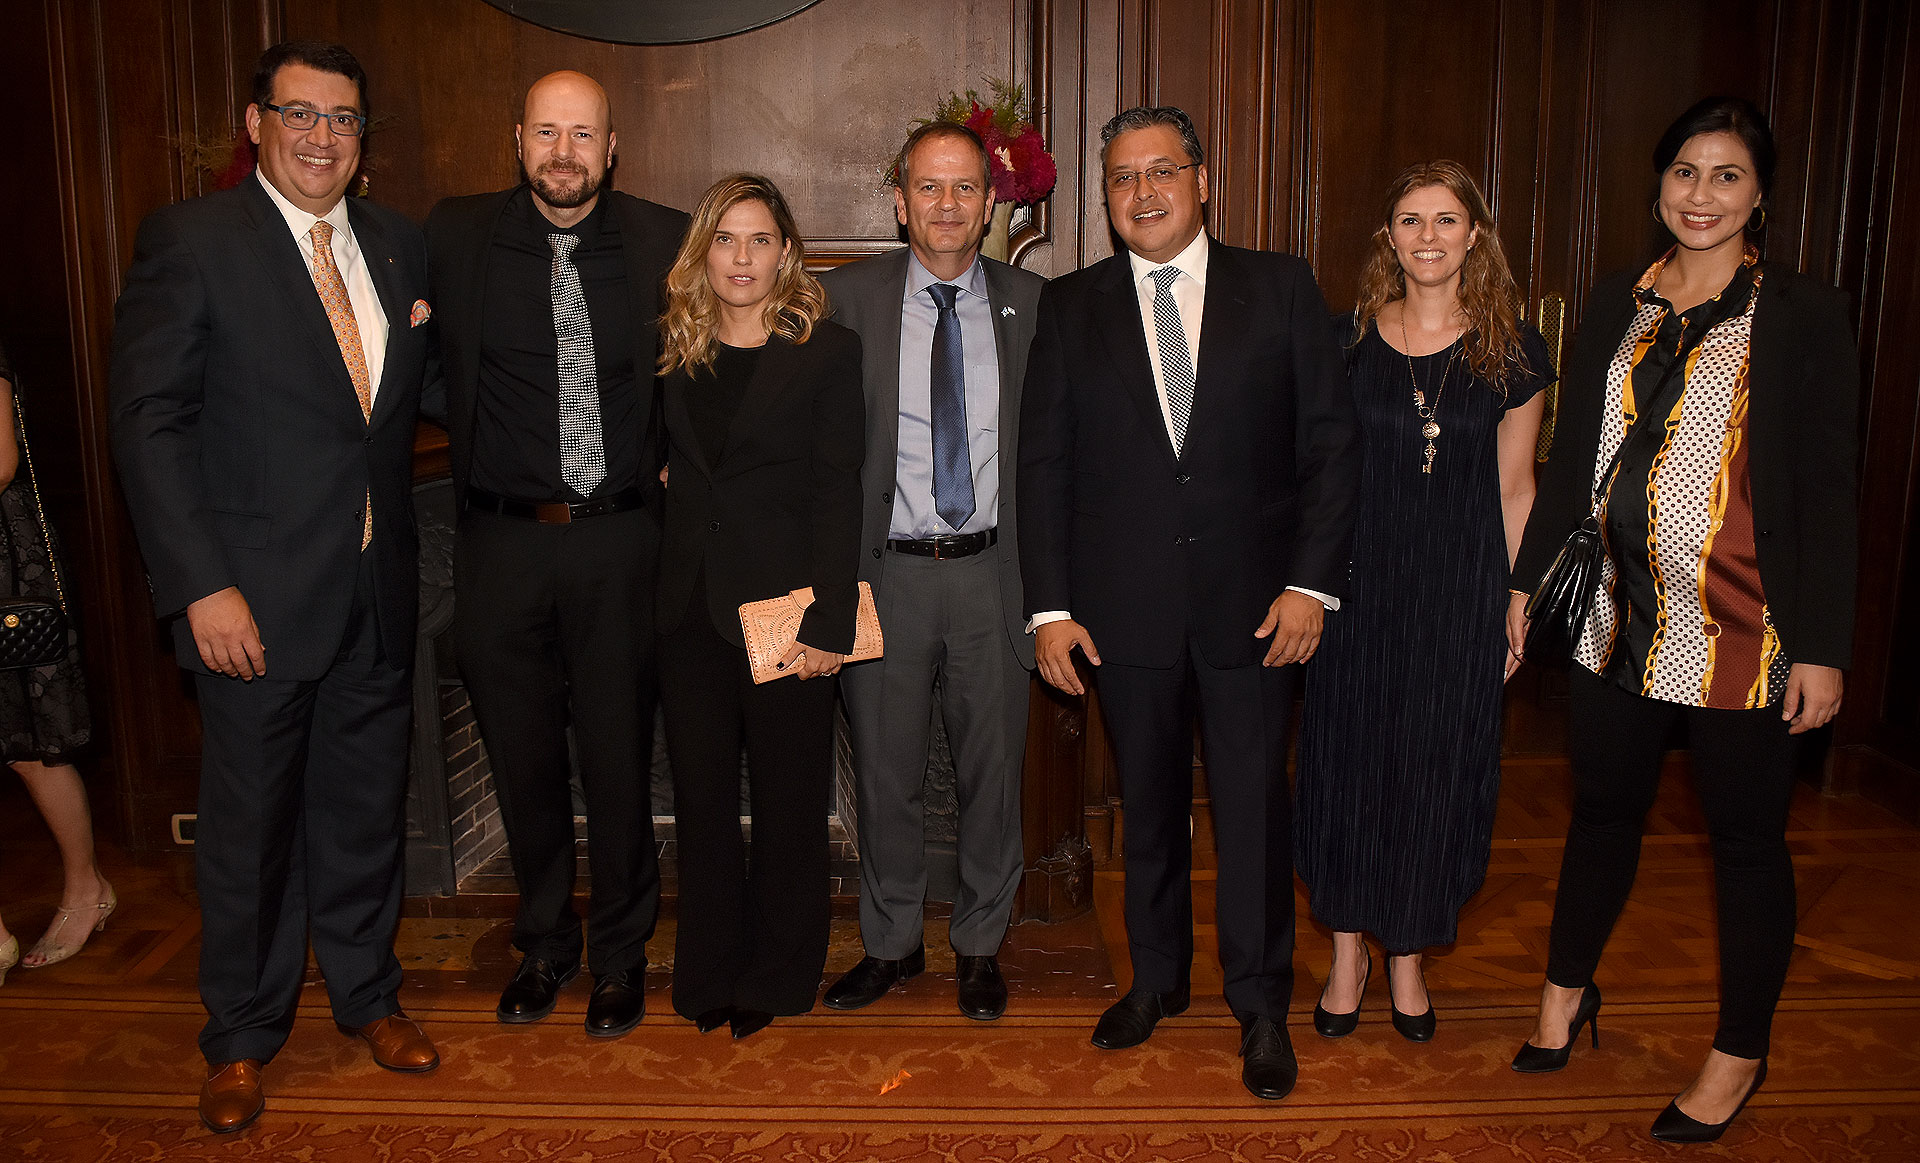 Miembros del cuerpo diplomático de Israel acreditados en la Argentina junto a los anfitriones